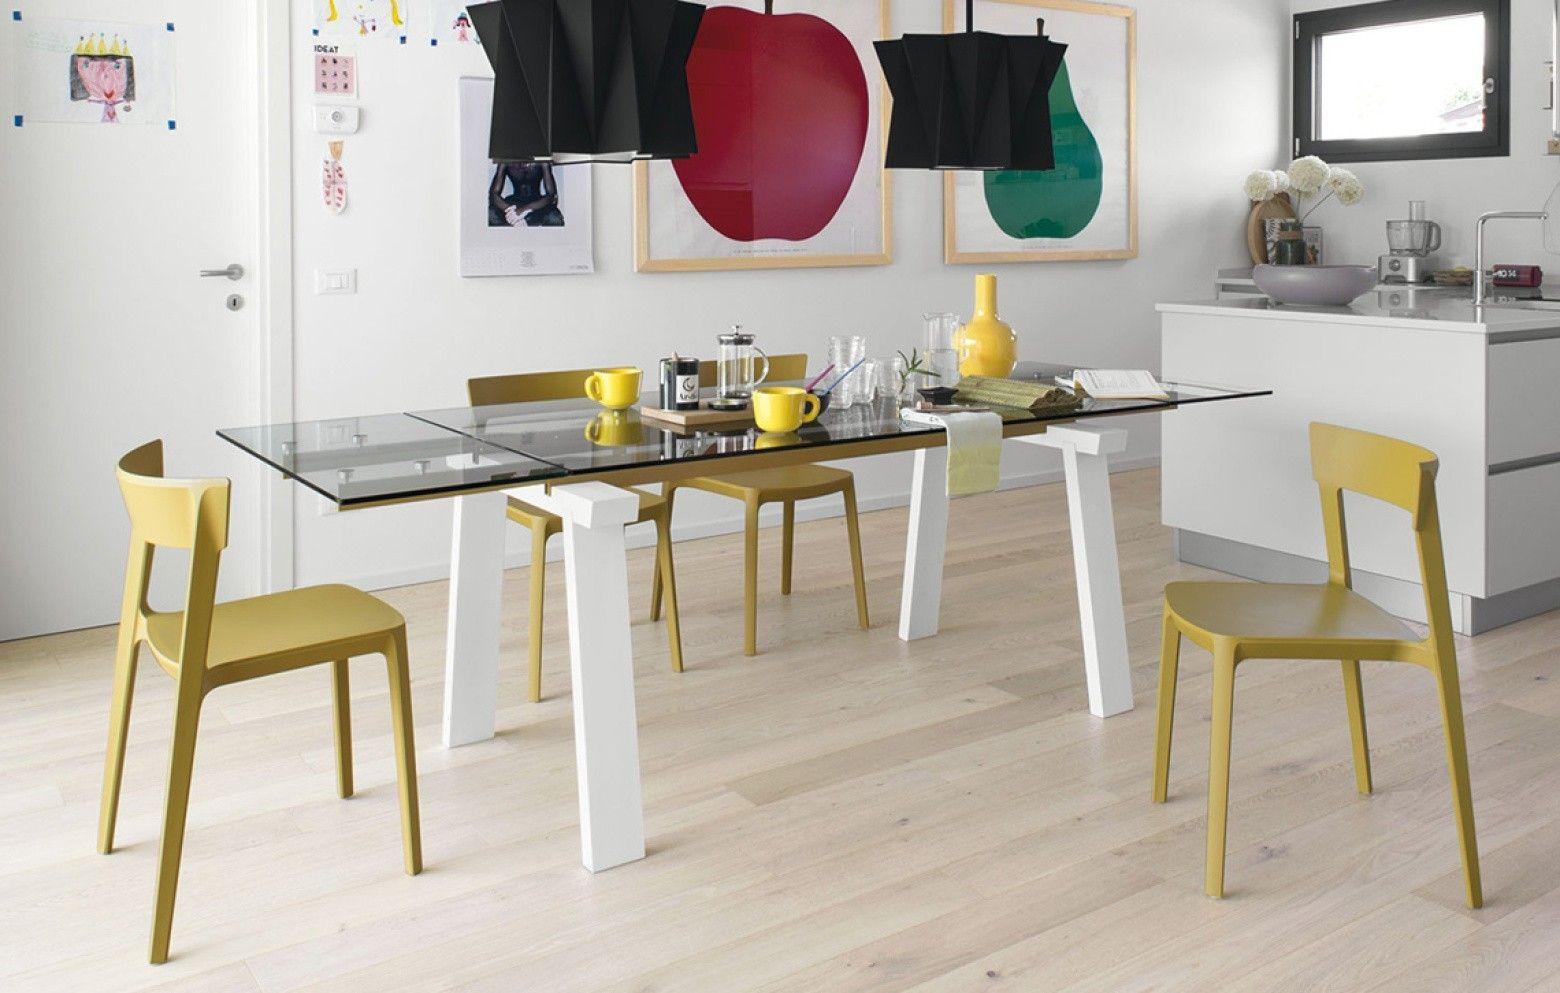 Sedie Eurosedia ~ Sedie eurosedia colorate scontatissime sedie moderne